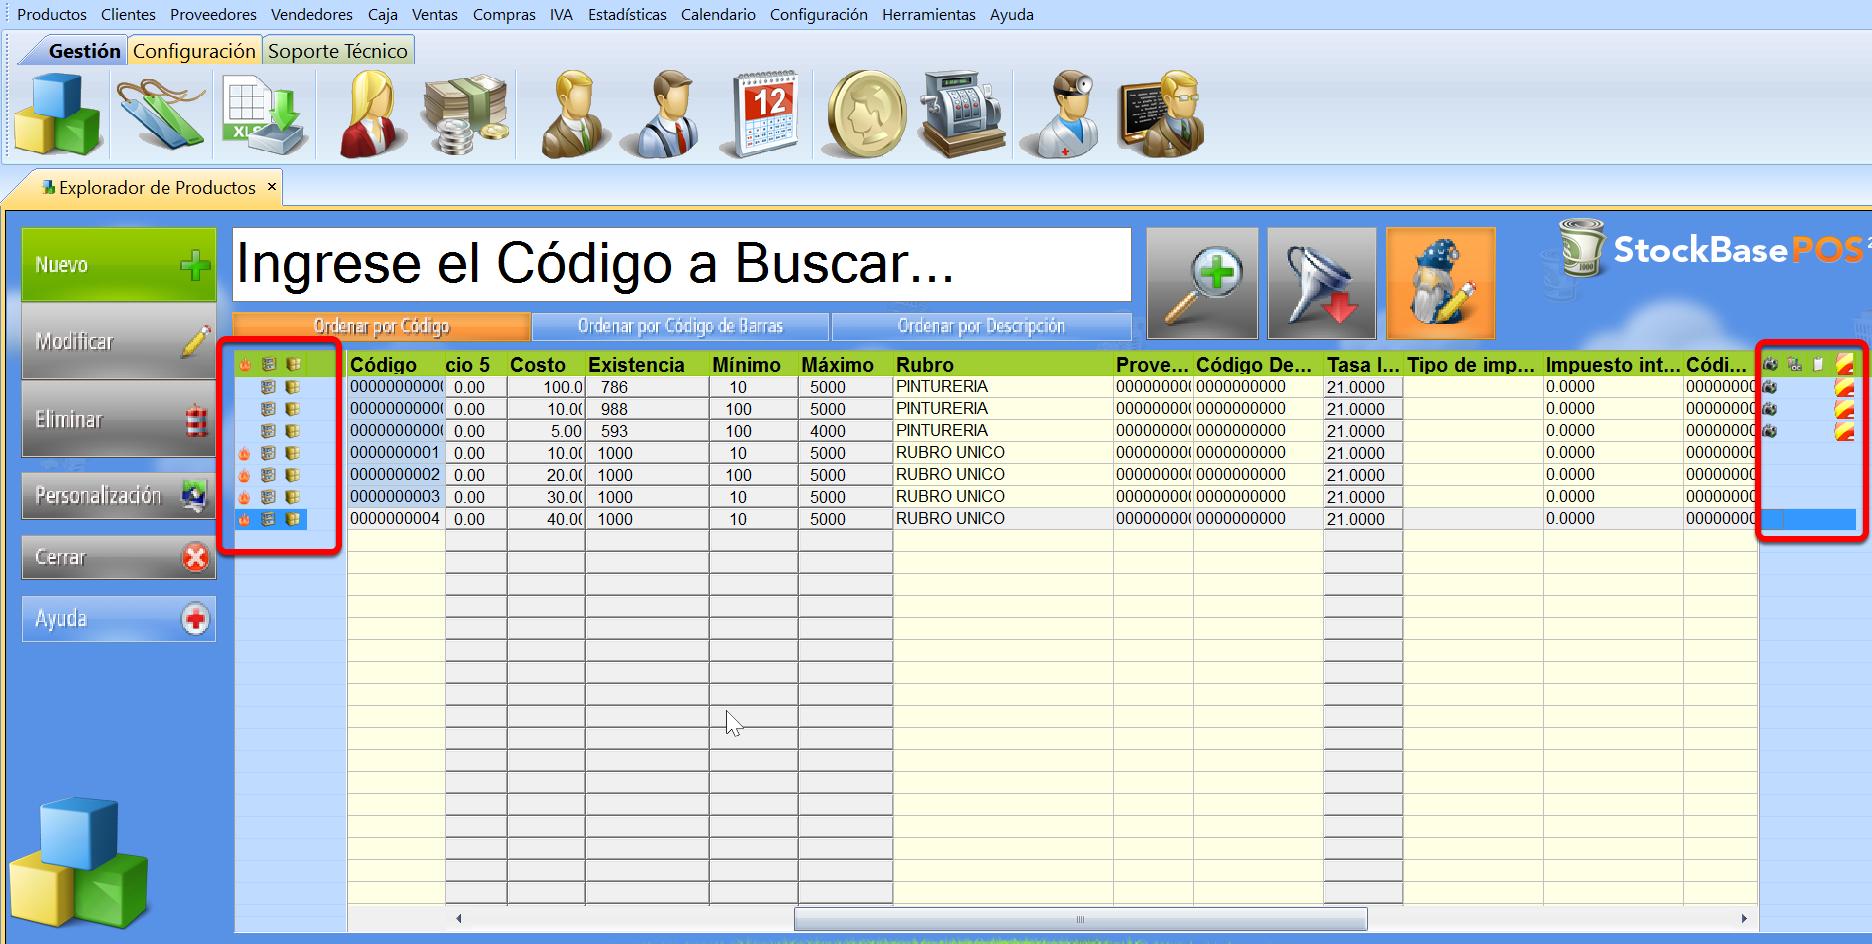 �Iconos en los Exploradores de registros permiten lectura o acceso a datos de los registros del software de gestion